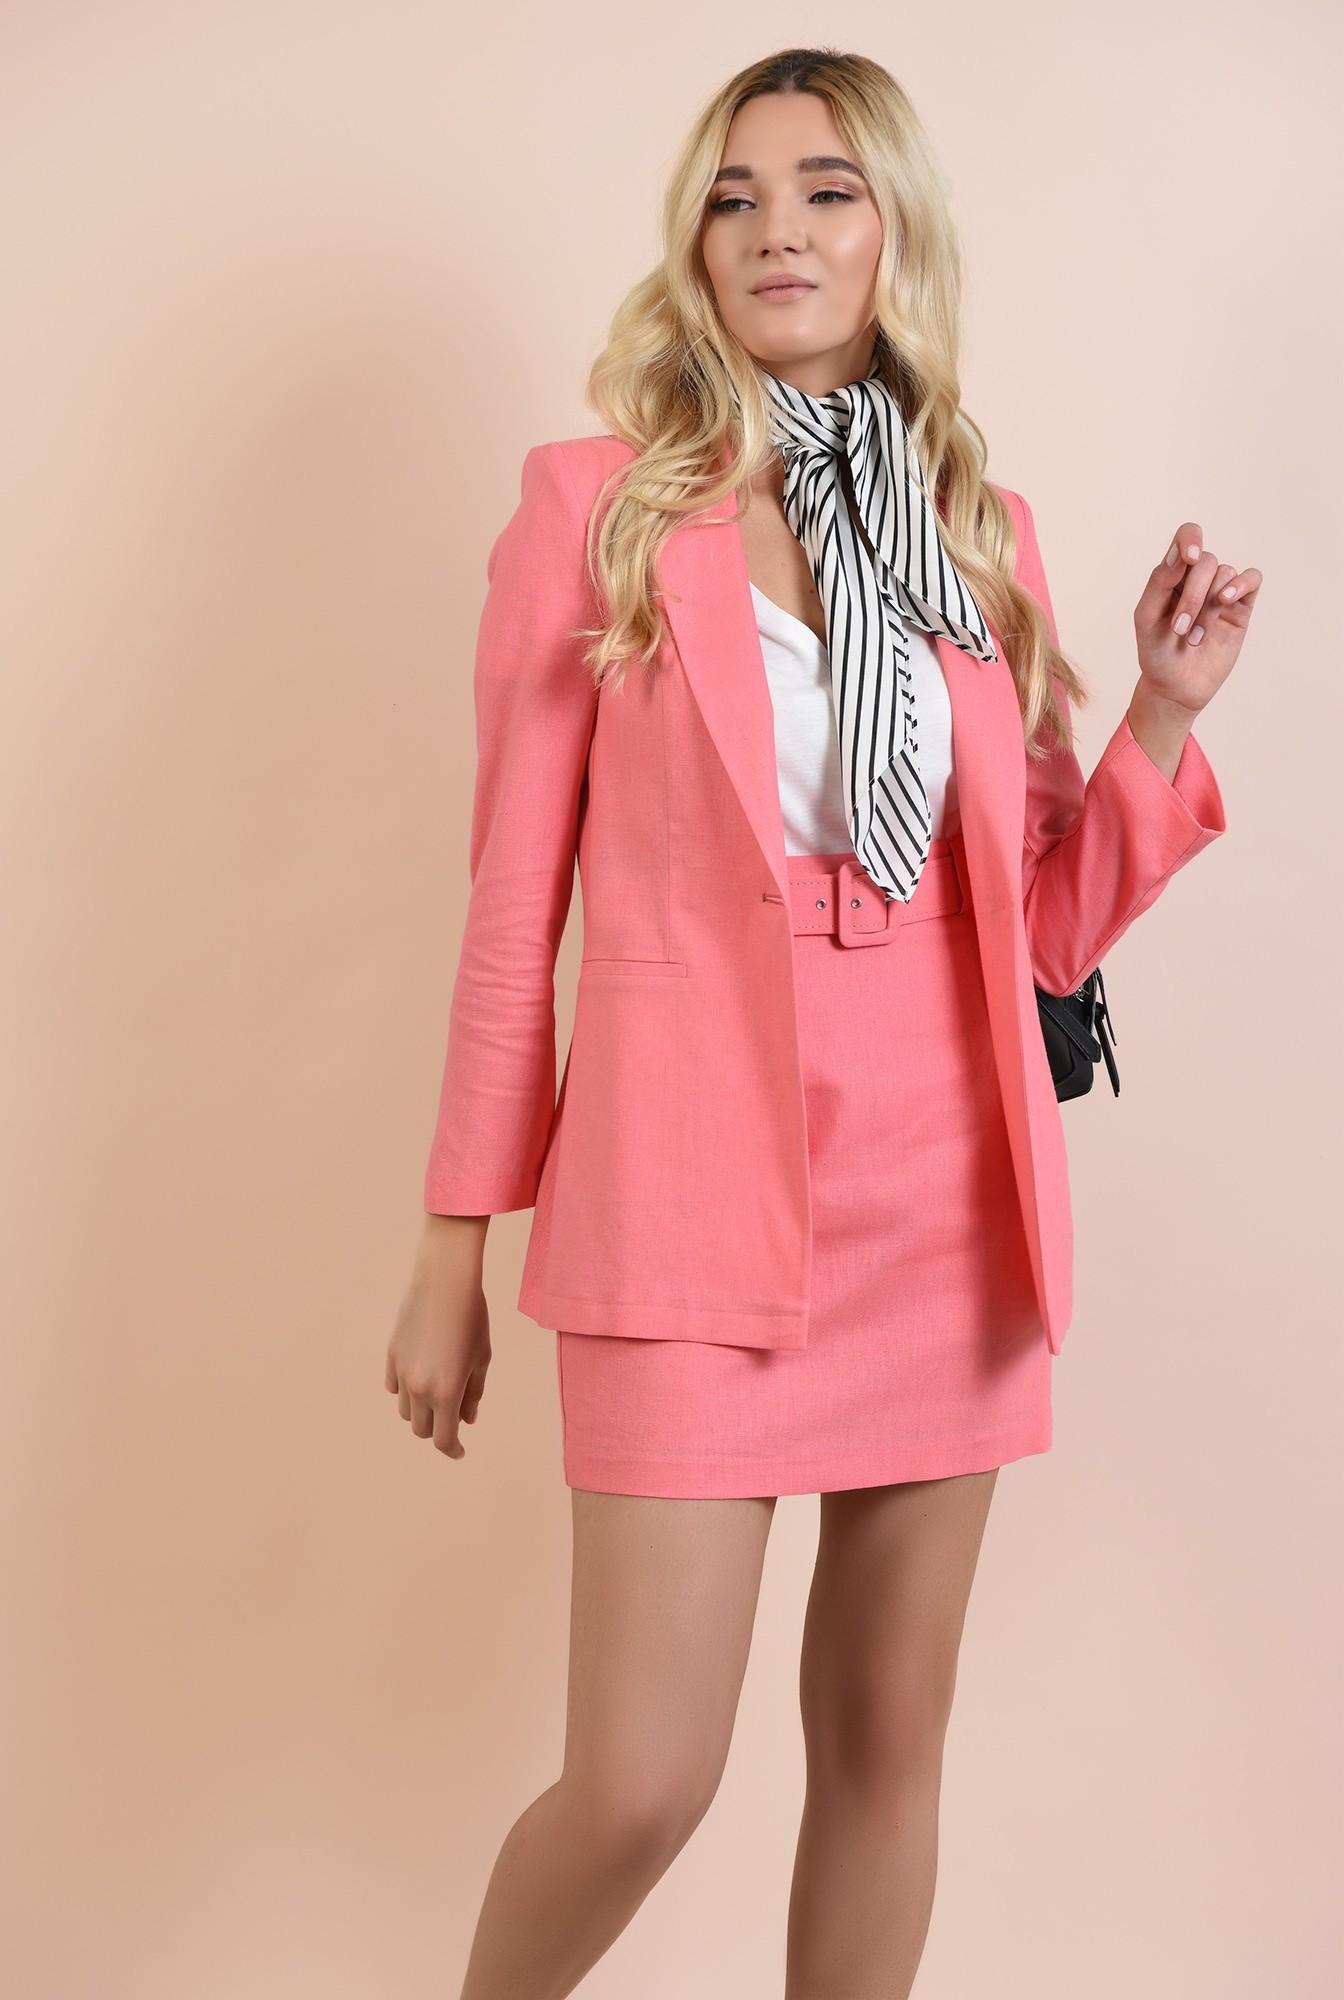 0 - fusta casual, mini, cu talie inalta, din in, roz